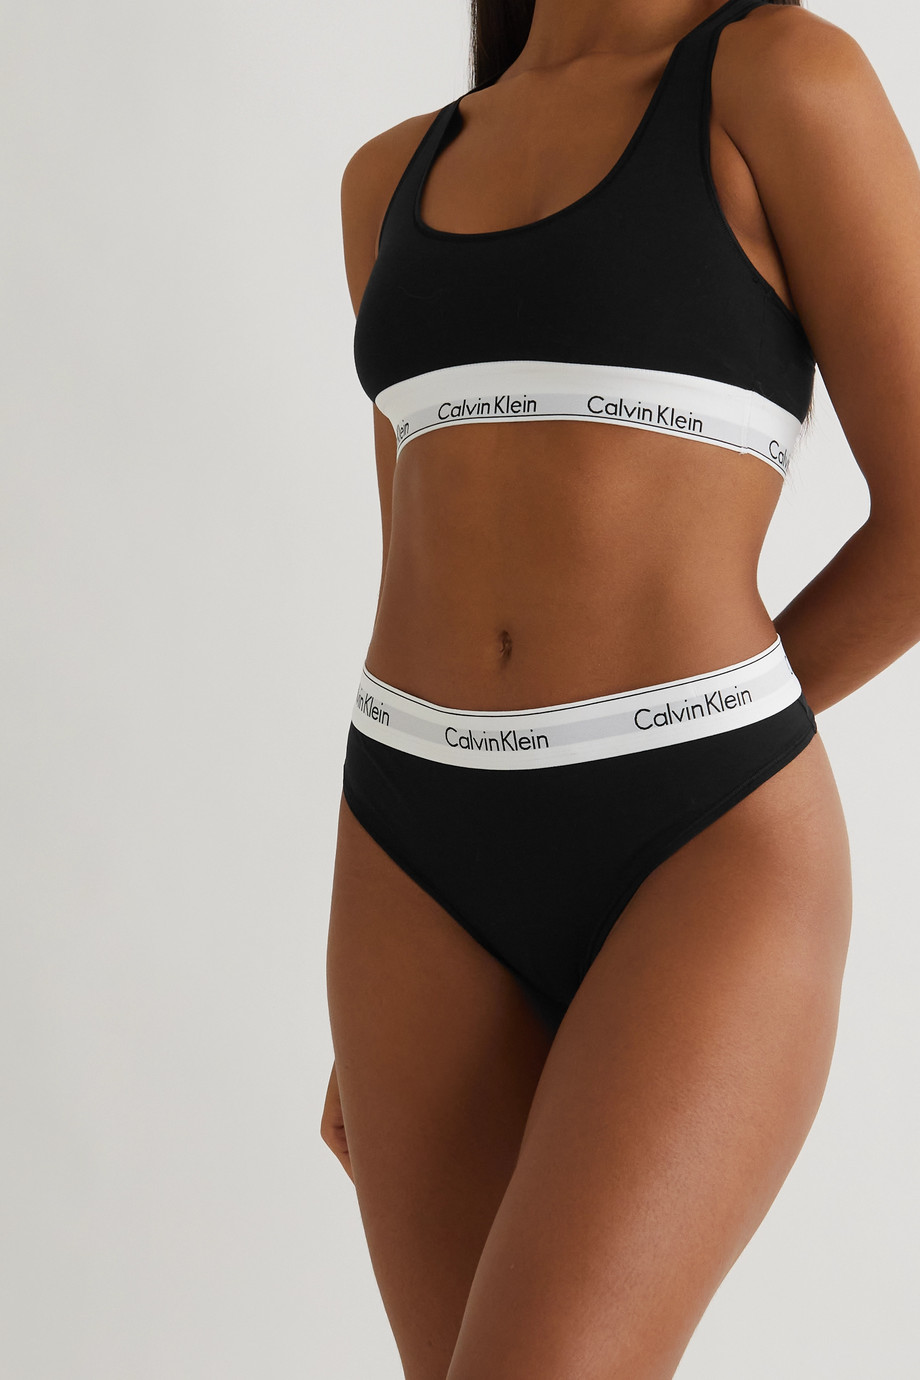 Calvin Klein Underwear Modern Cotton stretch cotton-blend jersey briefs